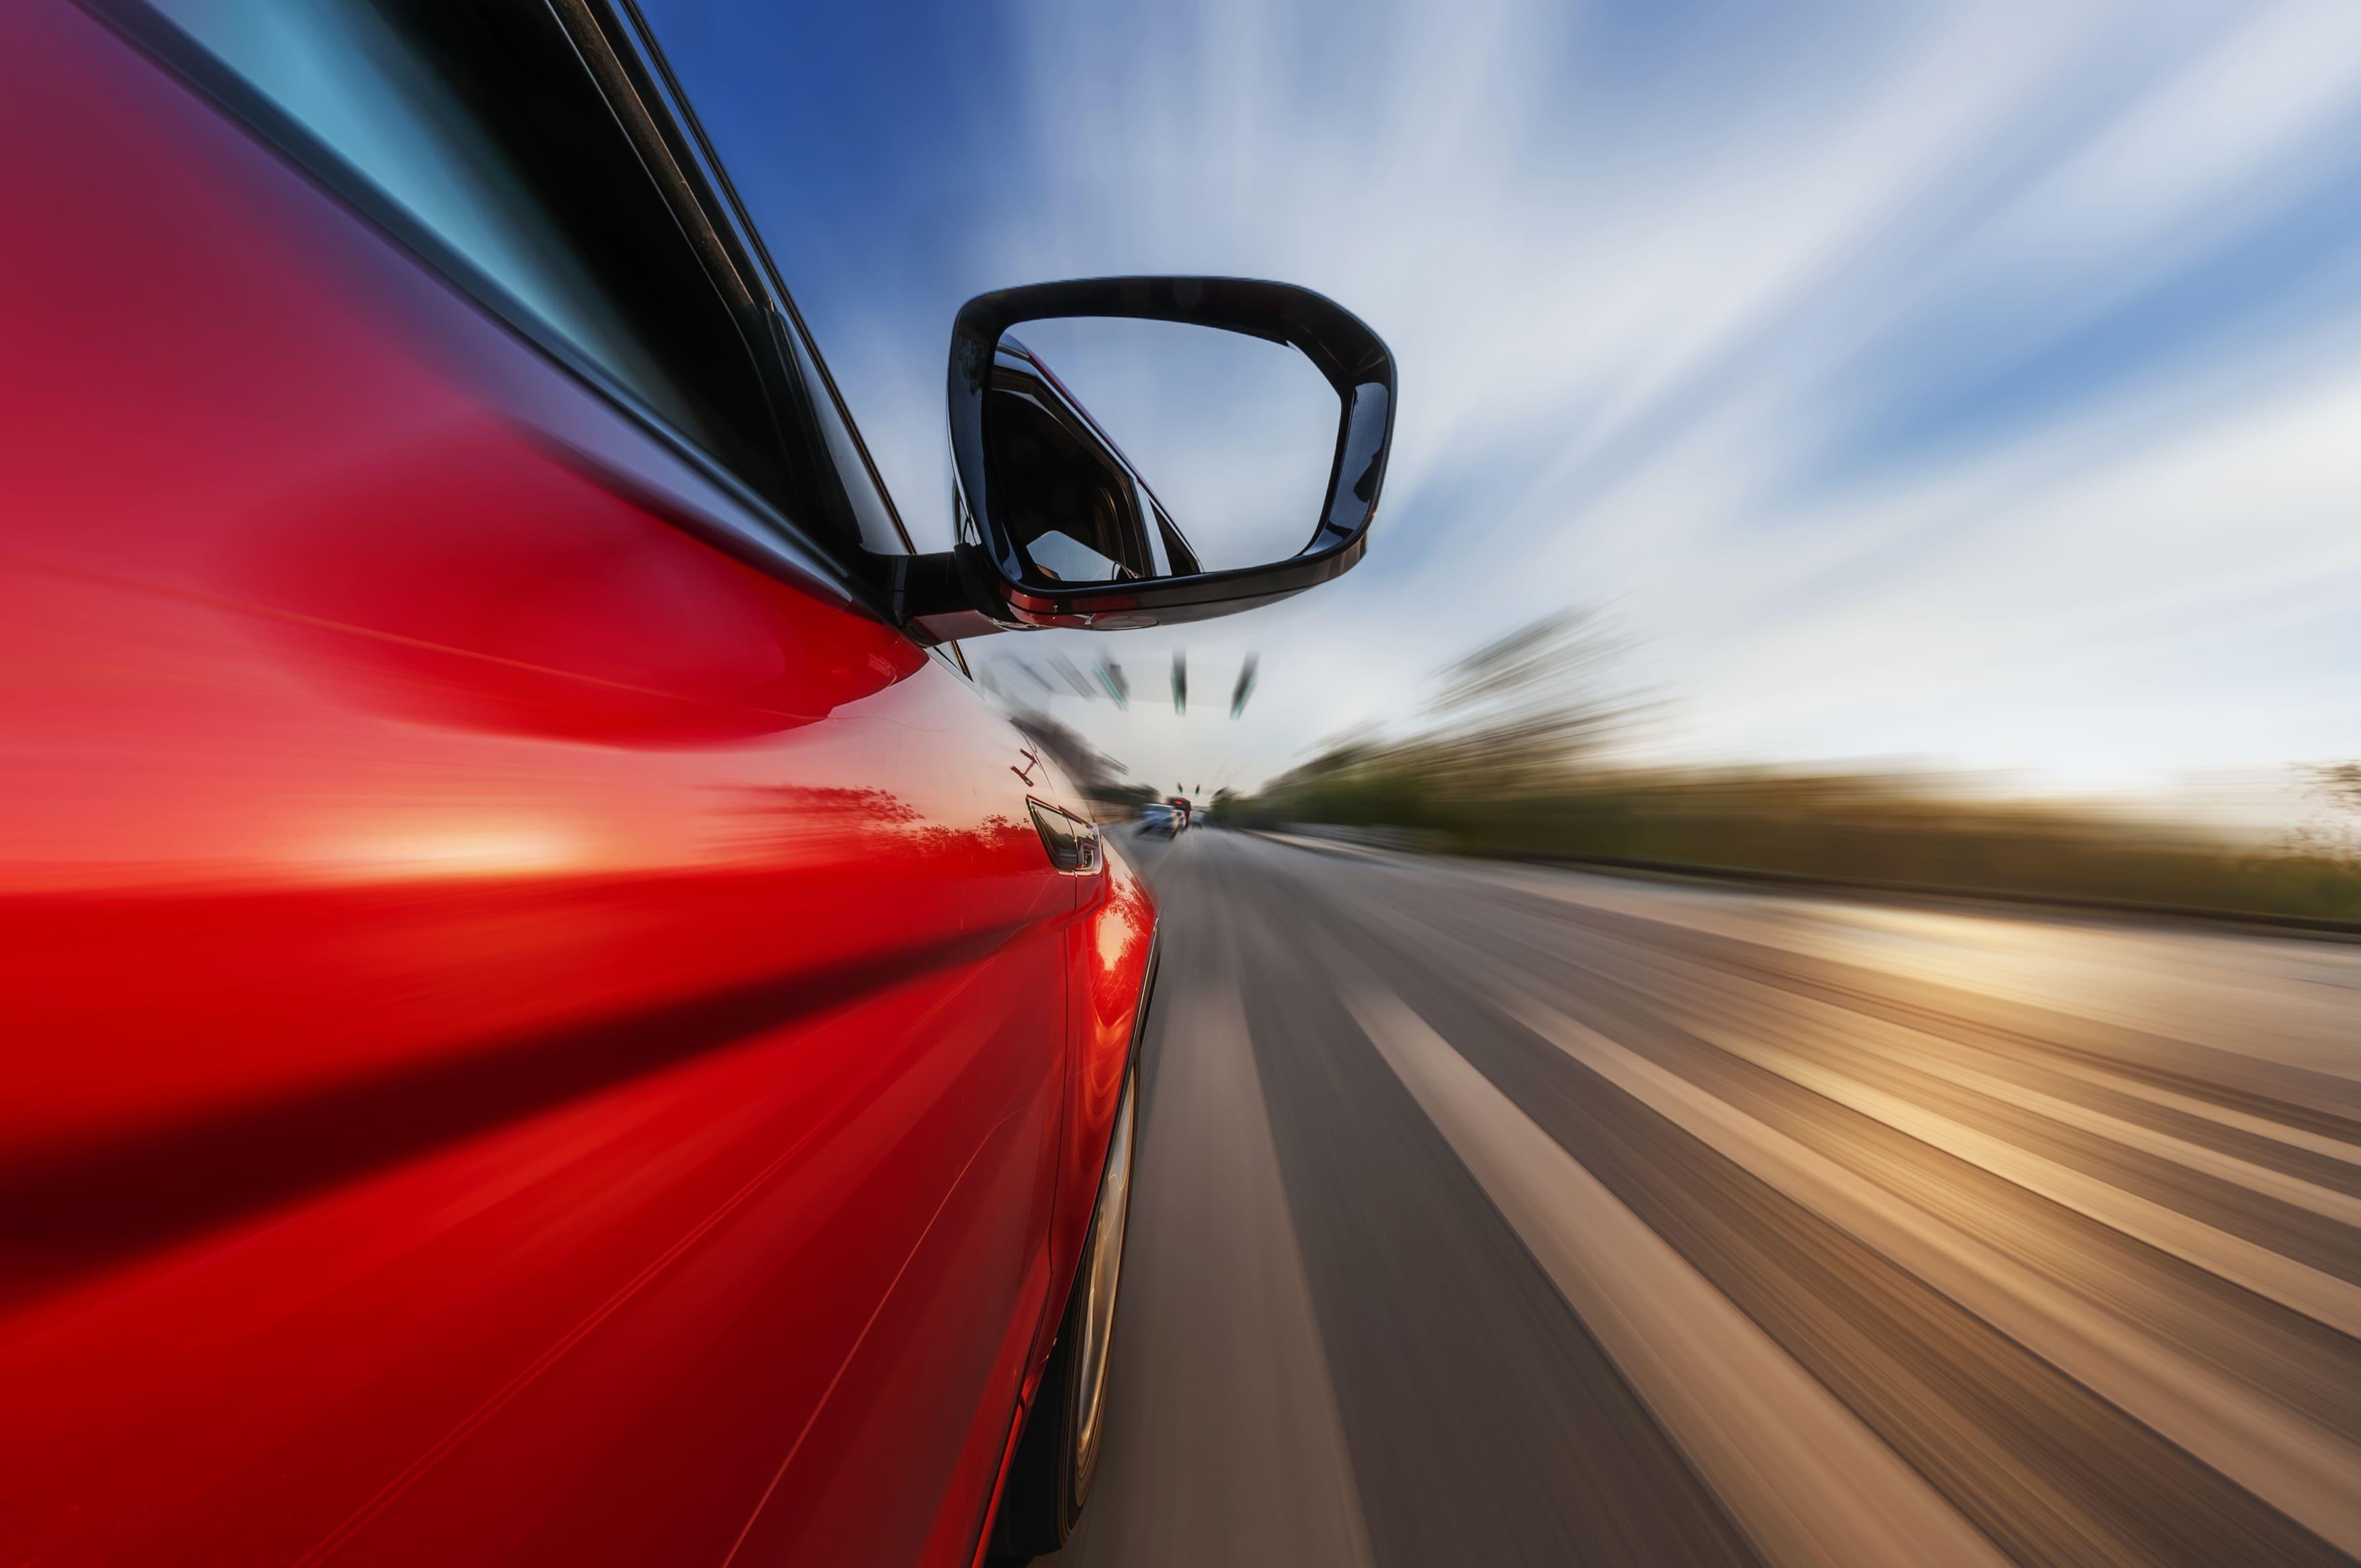 「アトレー」の中古車を自社ローンで購入した方の車両価格相場と口コミ(体験談)